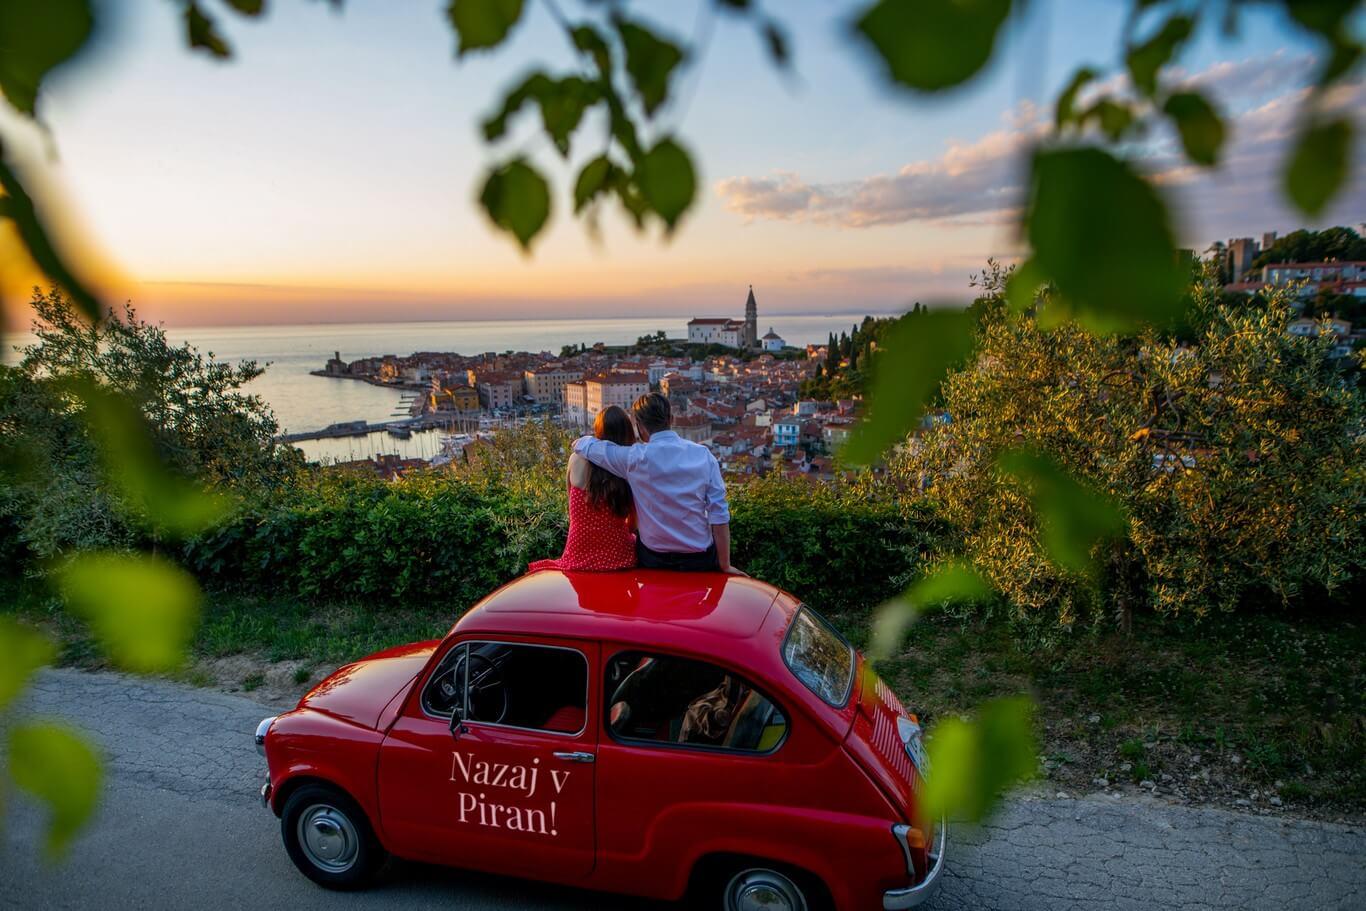 Poletna sezona v Portorož in Piran z lanskimi rezultati